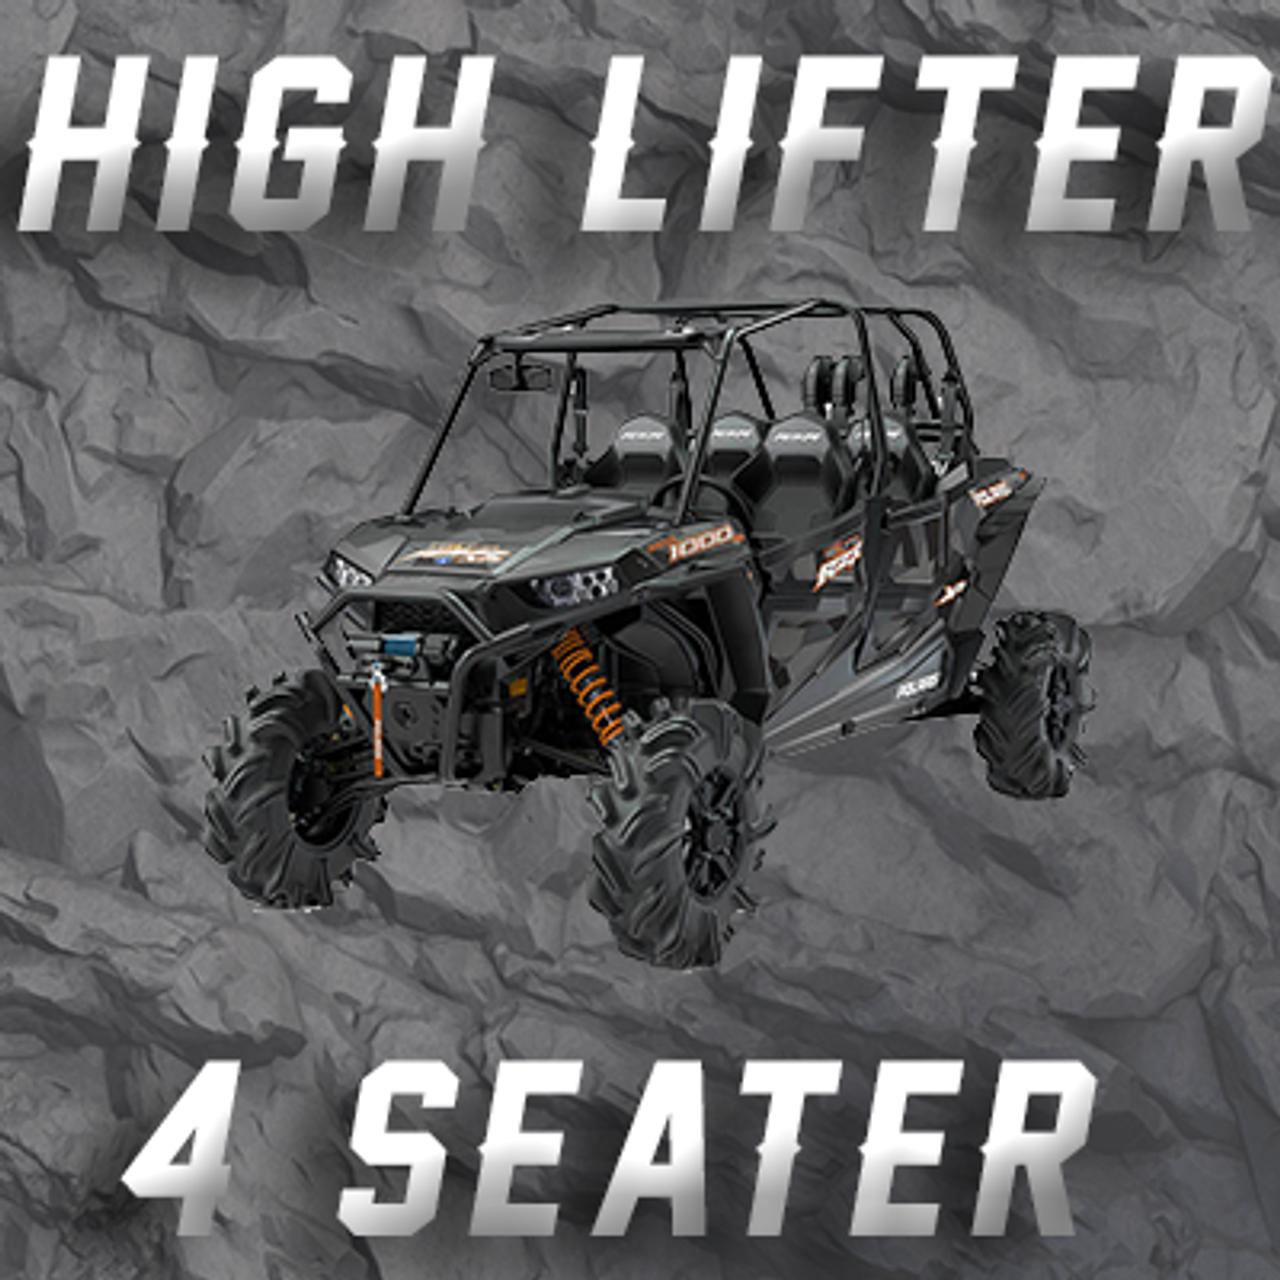 4 SEAT RZR HIGHLIFTER (RZR MODEL) TENDER SPRING SWAP KIT